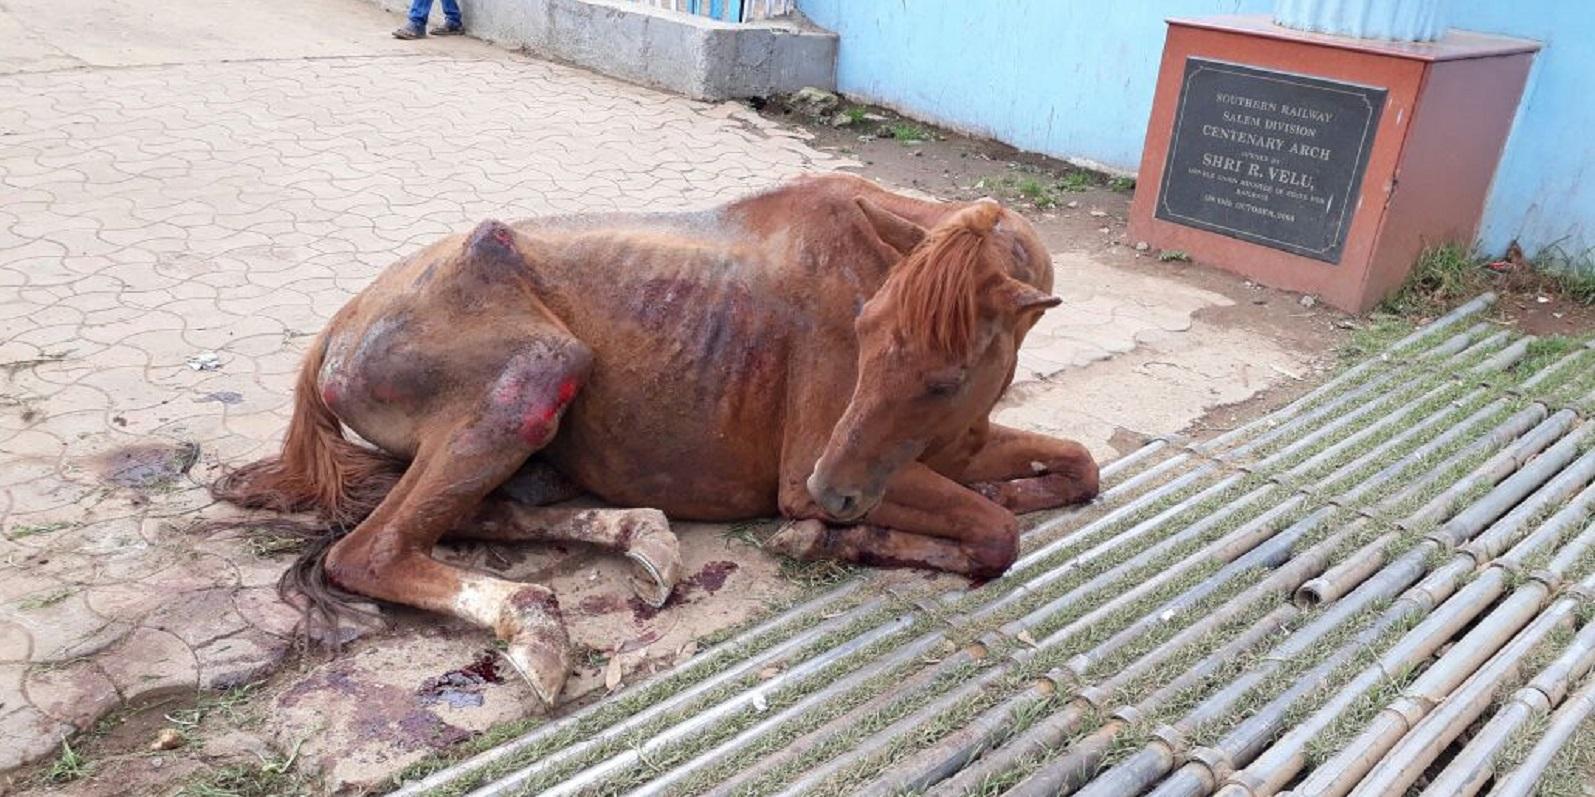 Streunende Pferde in Indien: Häufig werden Tiere imStraßenverkehr verletzt